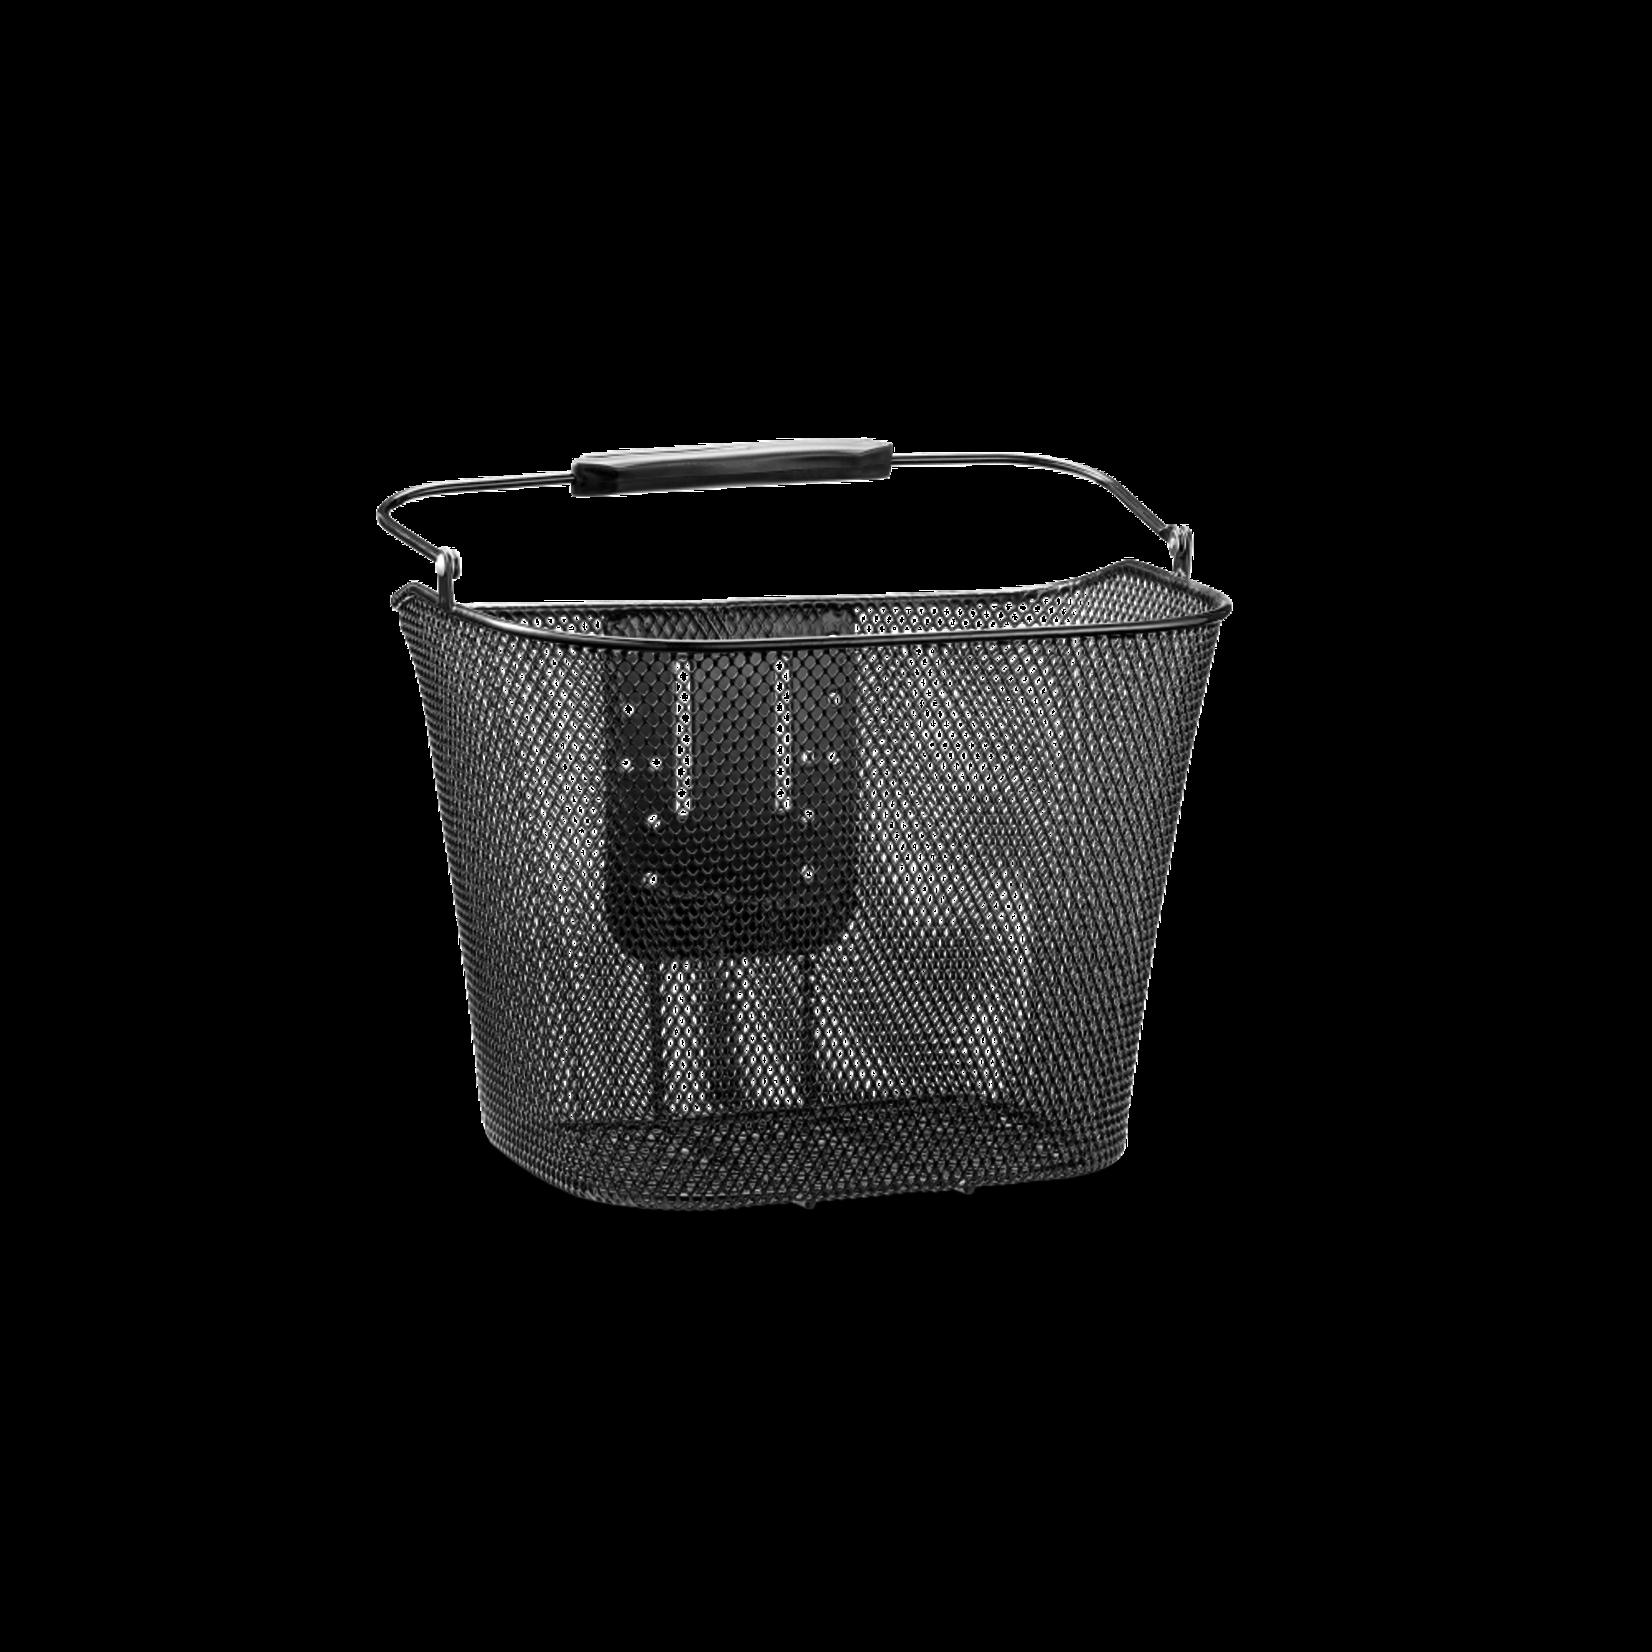 ACID Acid - Korbe Vorne ACID 16 FILink